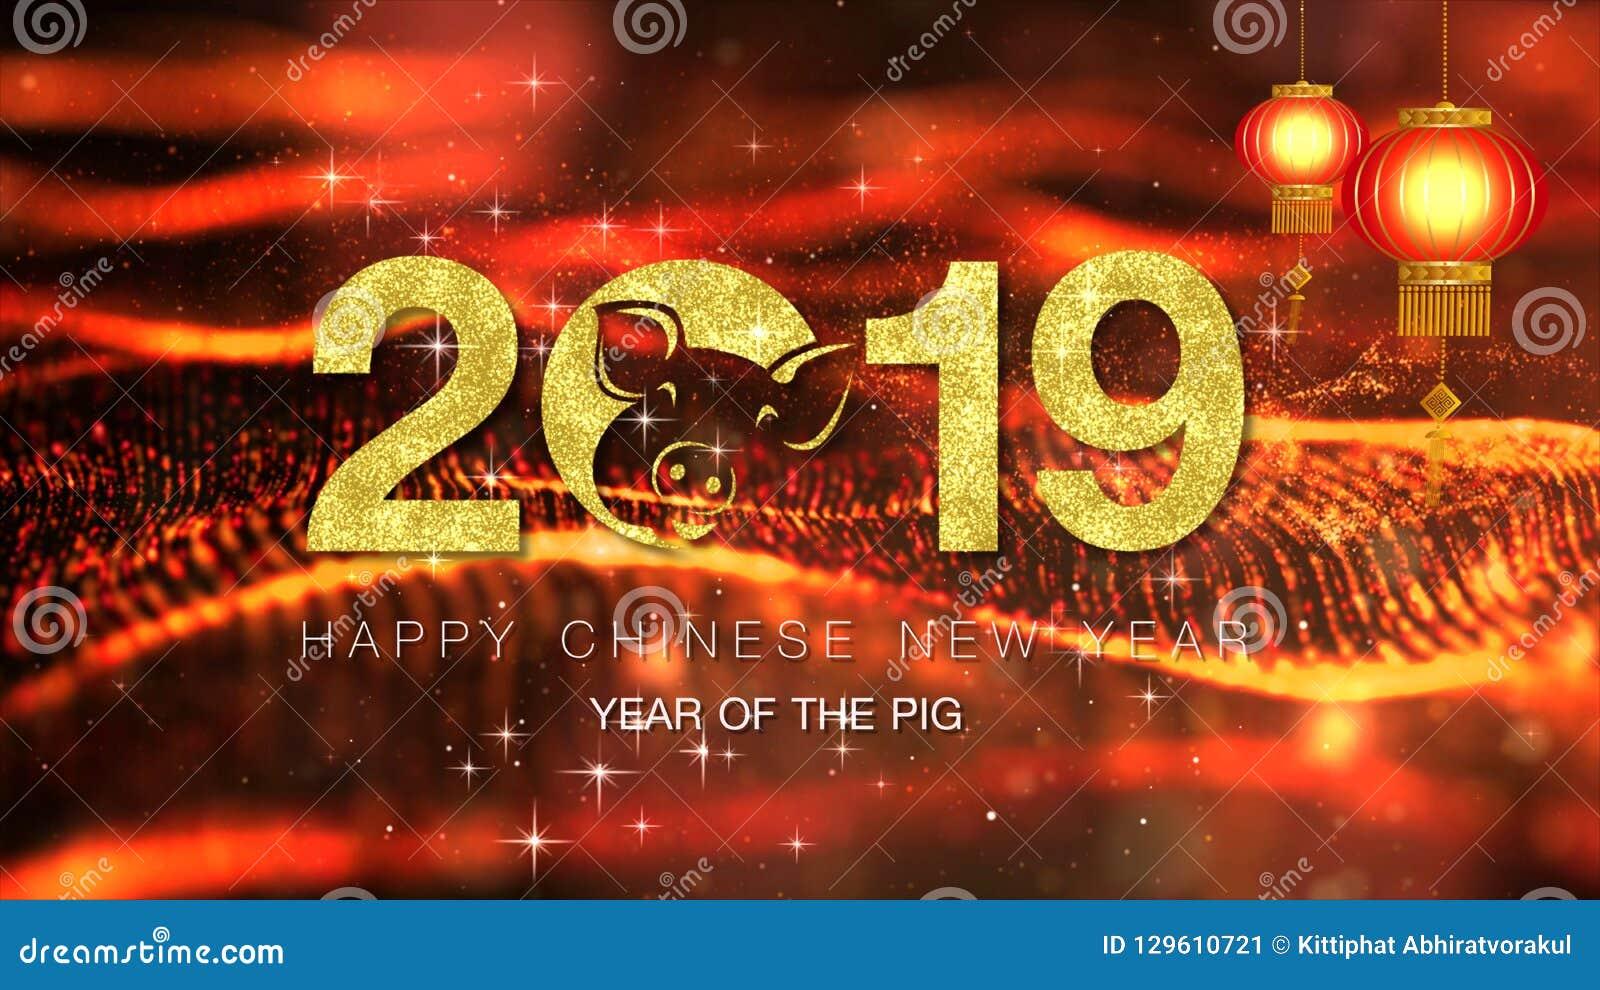 chinese new year celebration background